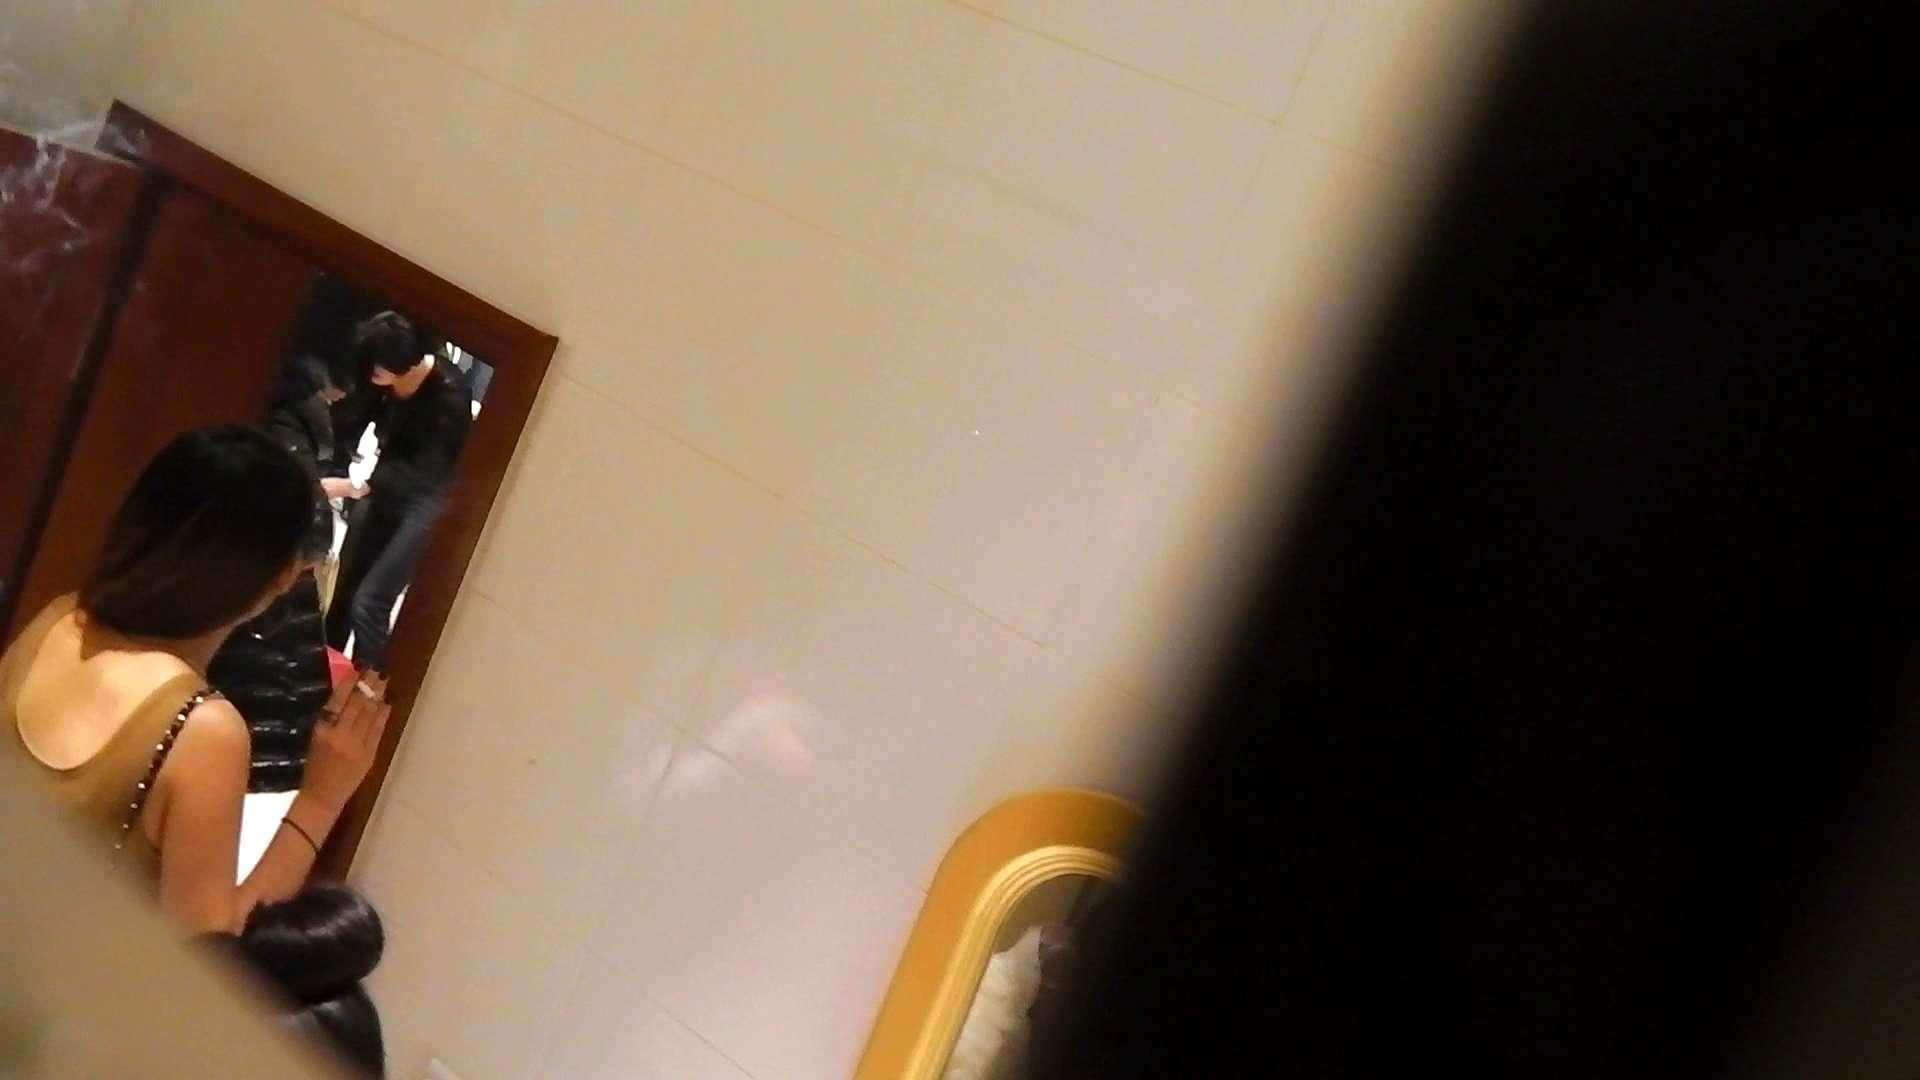 洗寿観音さんの 化粧室は四面楚歌Nol.6 洗面所  93pic 85